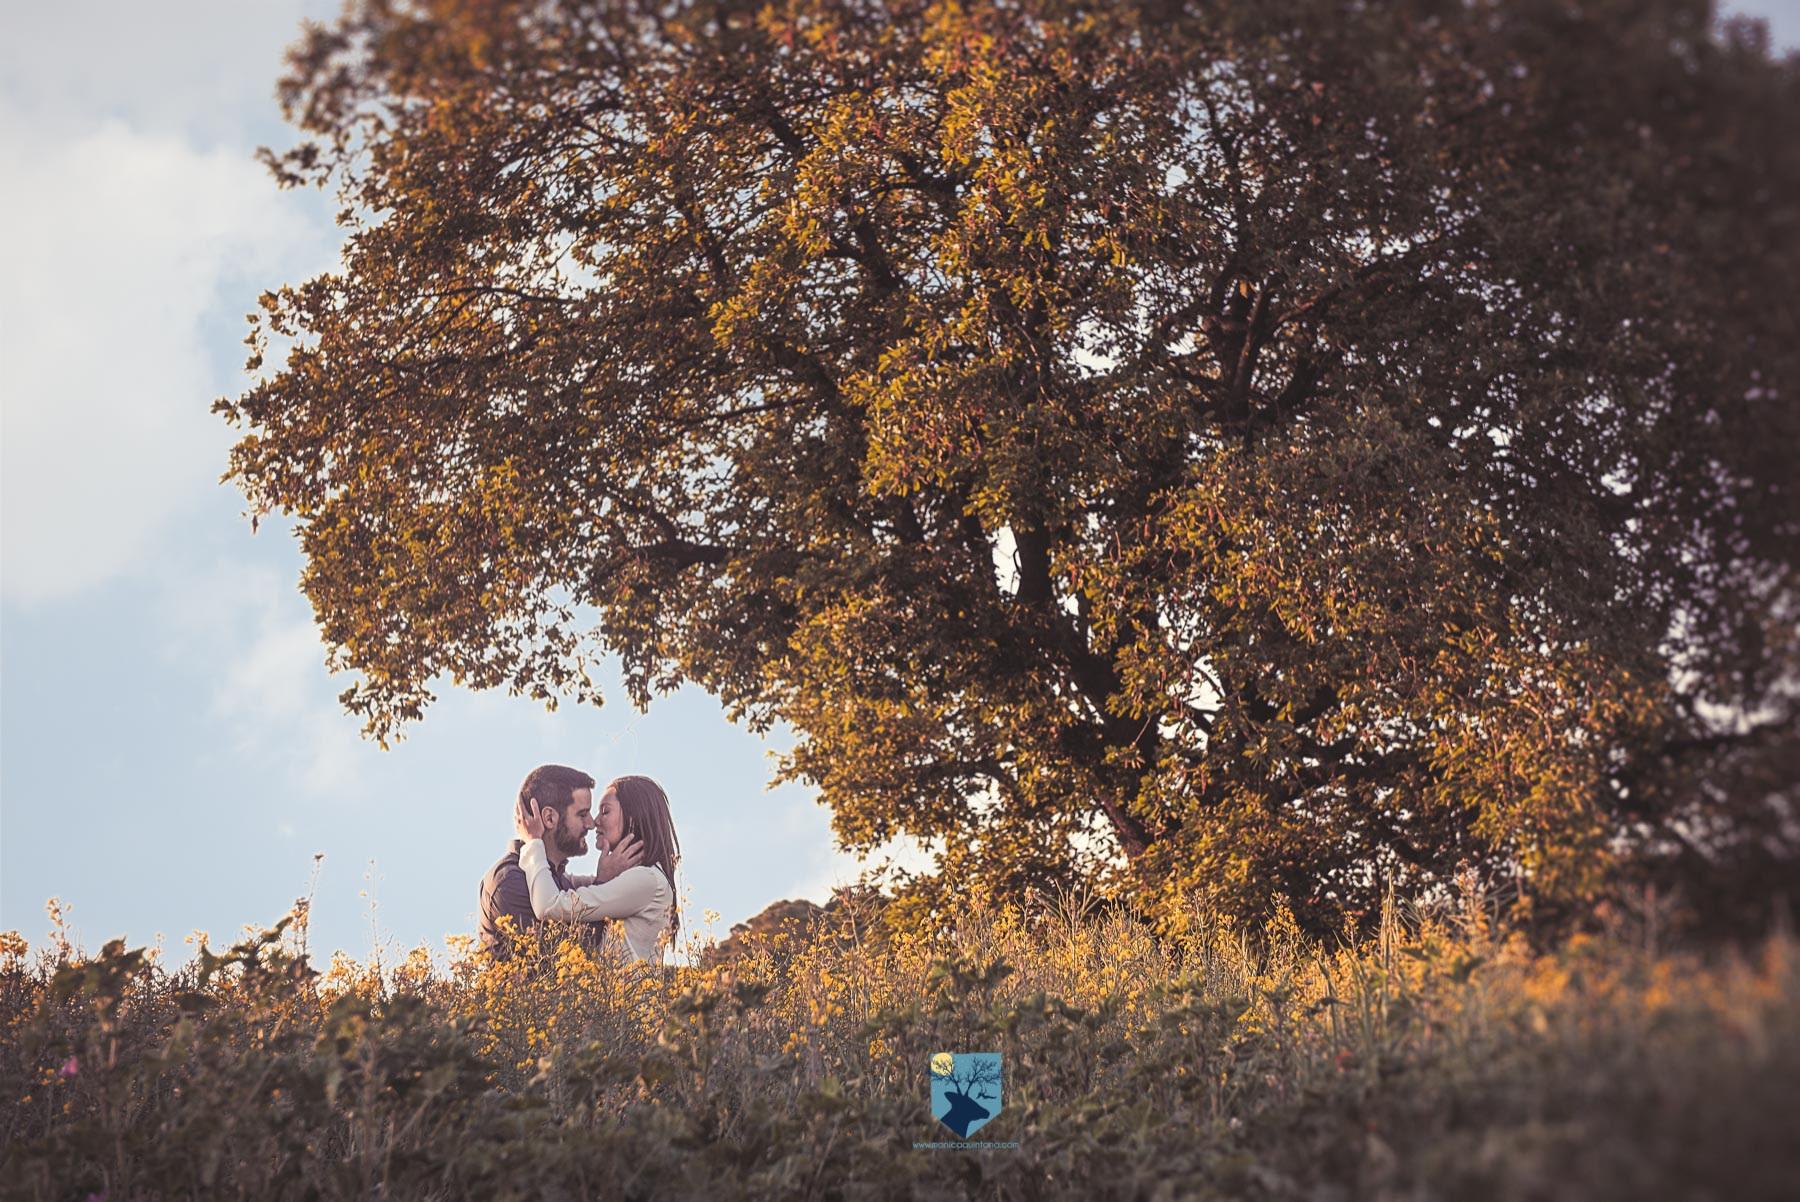 fotografia-girona-figueres-emporda-monica-quintana-retrato-book-pareja-8